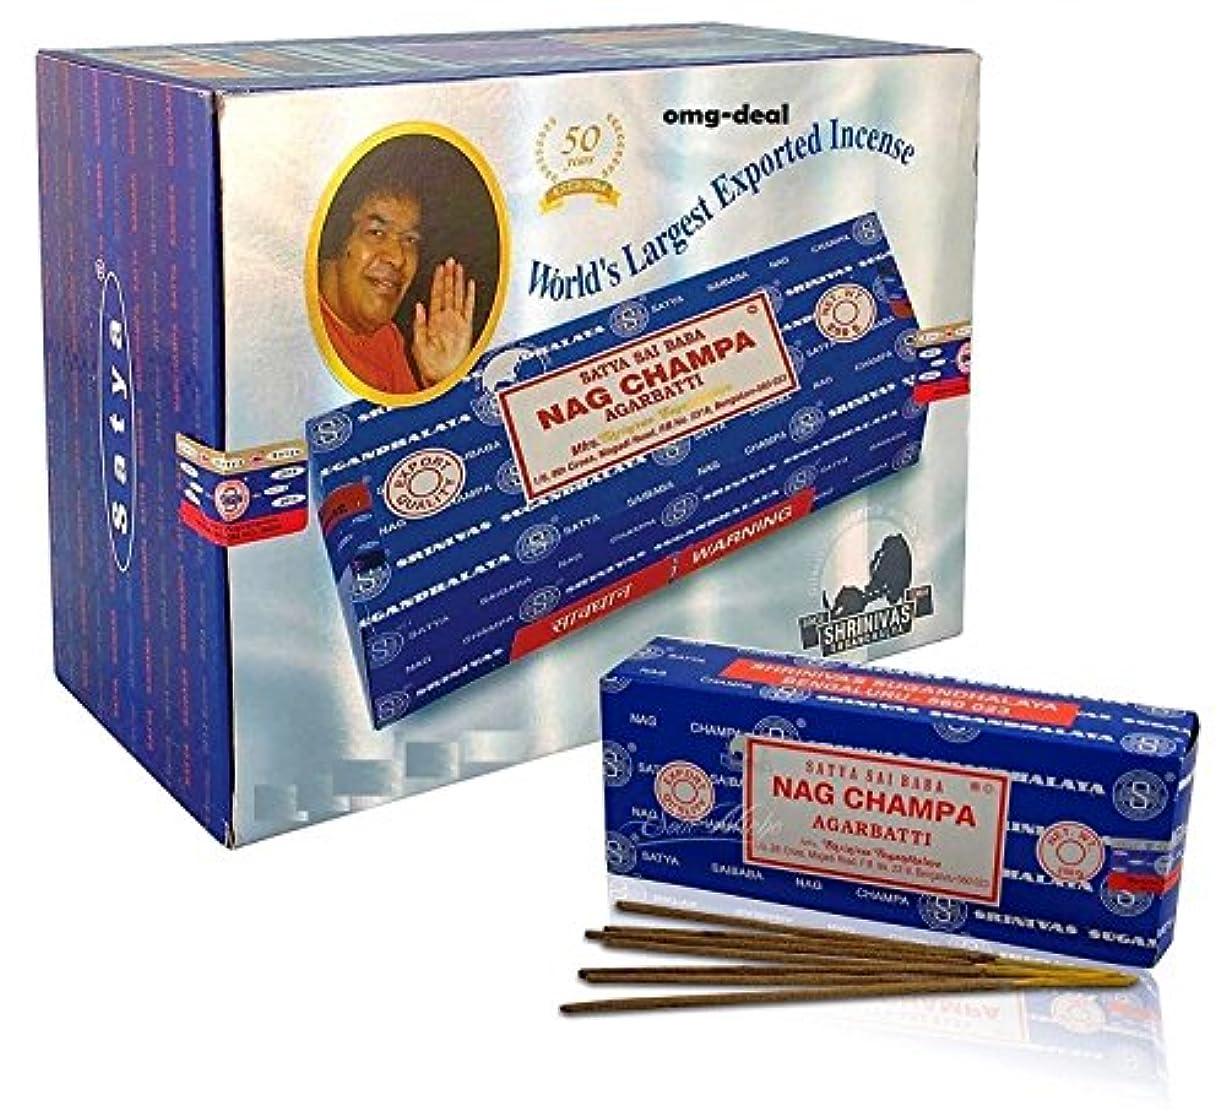 岸市区町村話すSatya Sai Baba Nag Champa 1000 Gram Incense Sticks Agarbatti